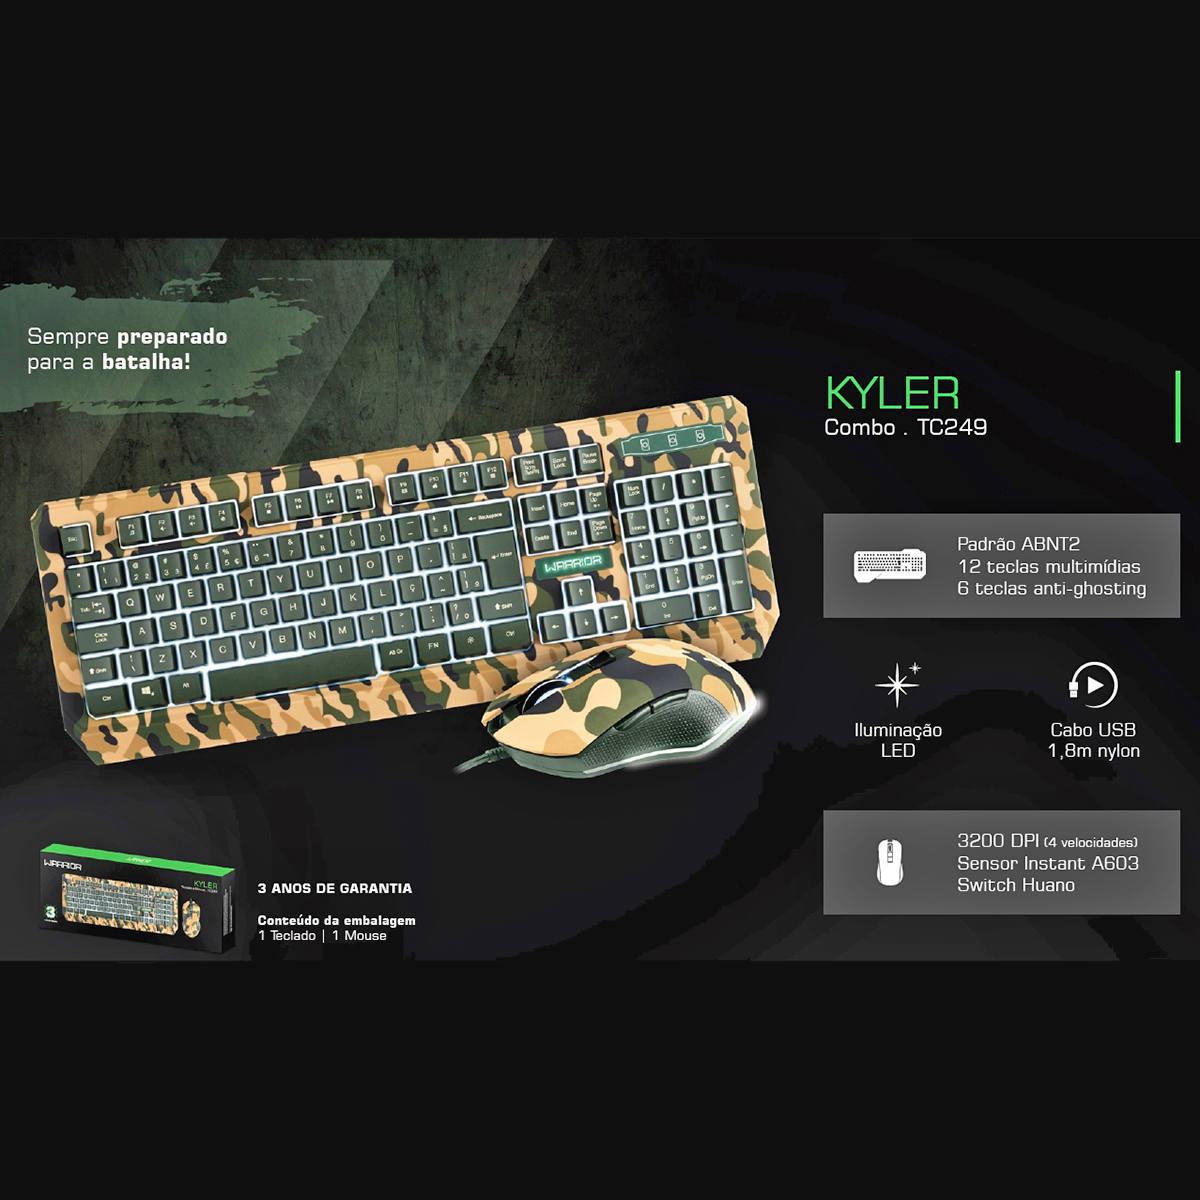 Kit Gamer Warrior Kyler com Teclado e Mouse LED Army USB Camuflados TC249